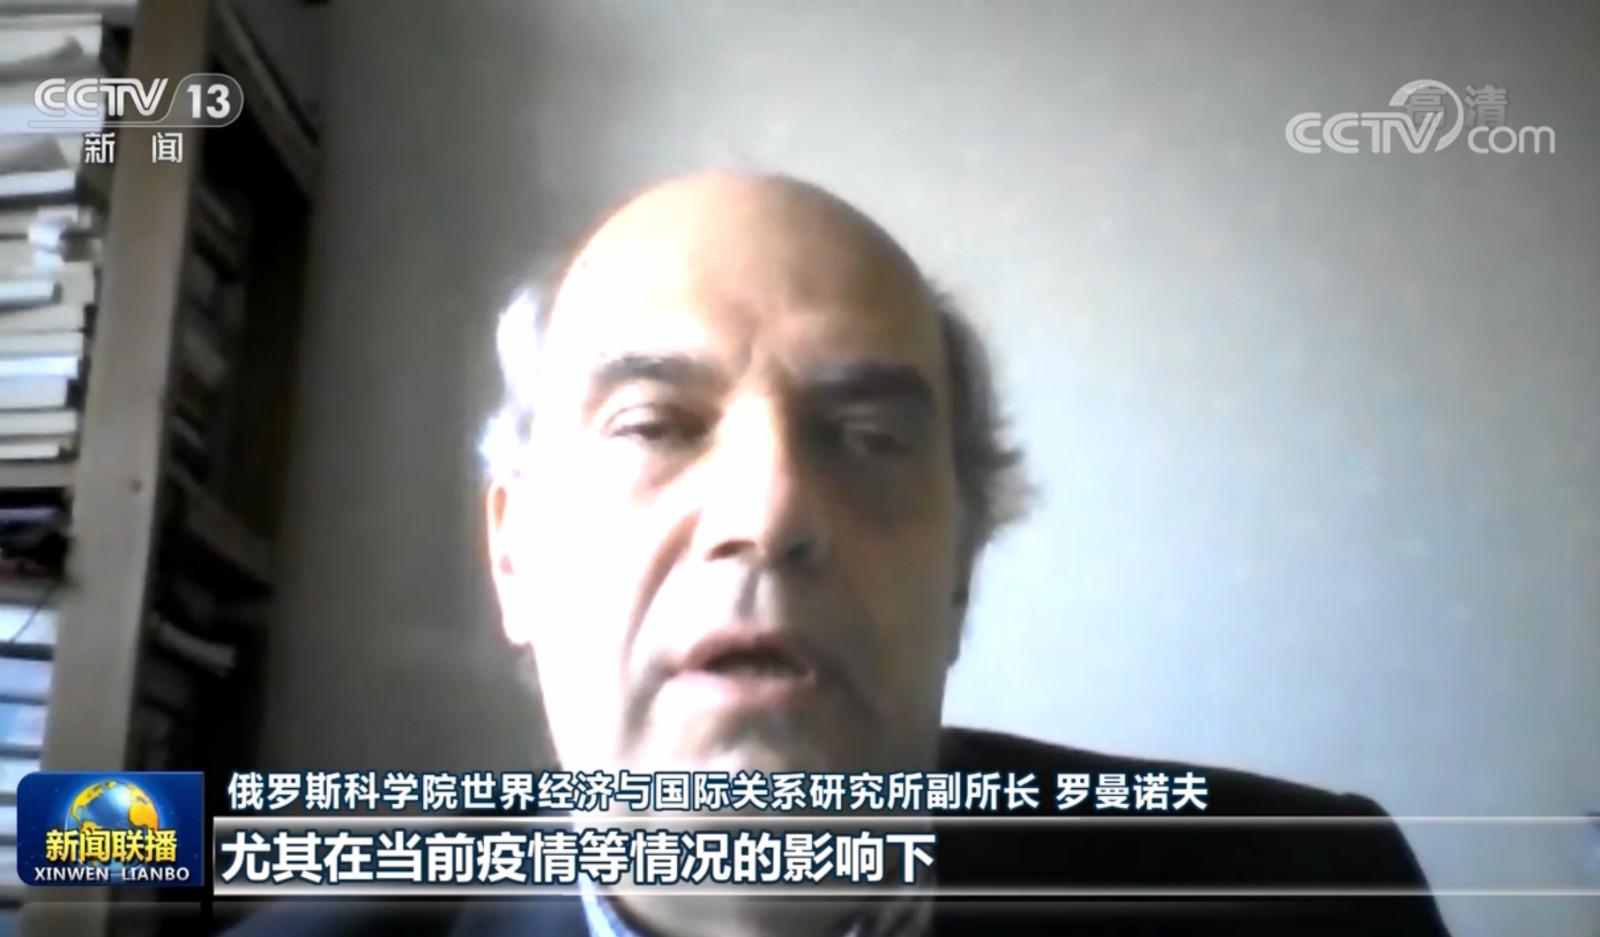 描绘中国发展蓝图 利好全球经济复苏——国际社会关注中国共产党十九届五中全会